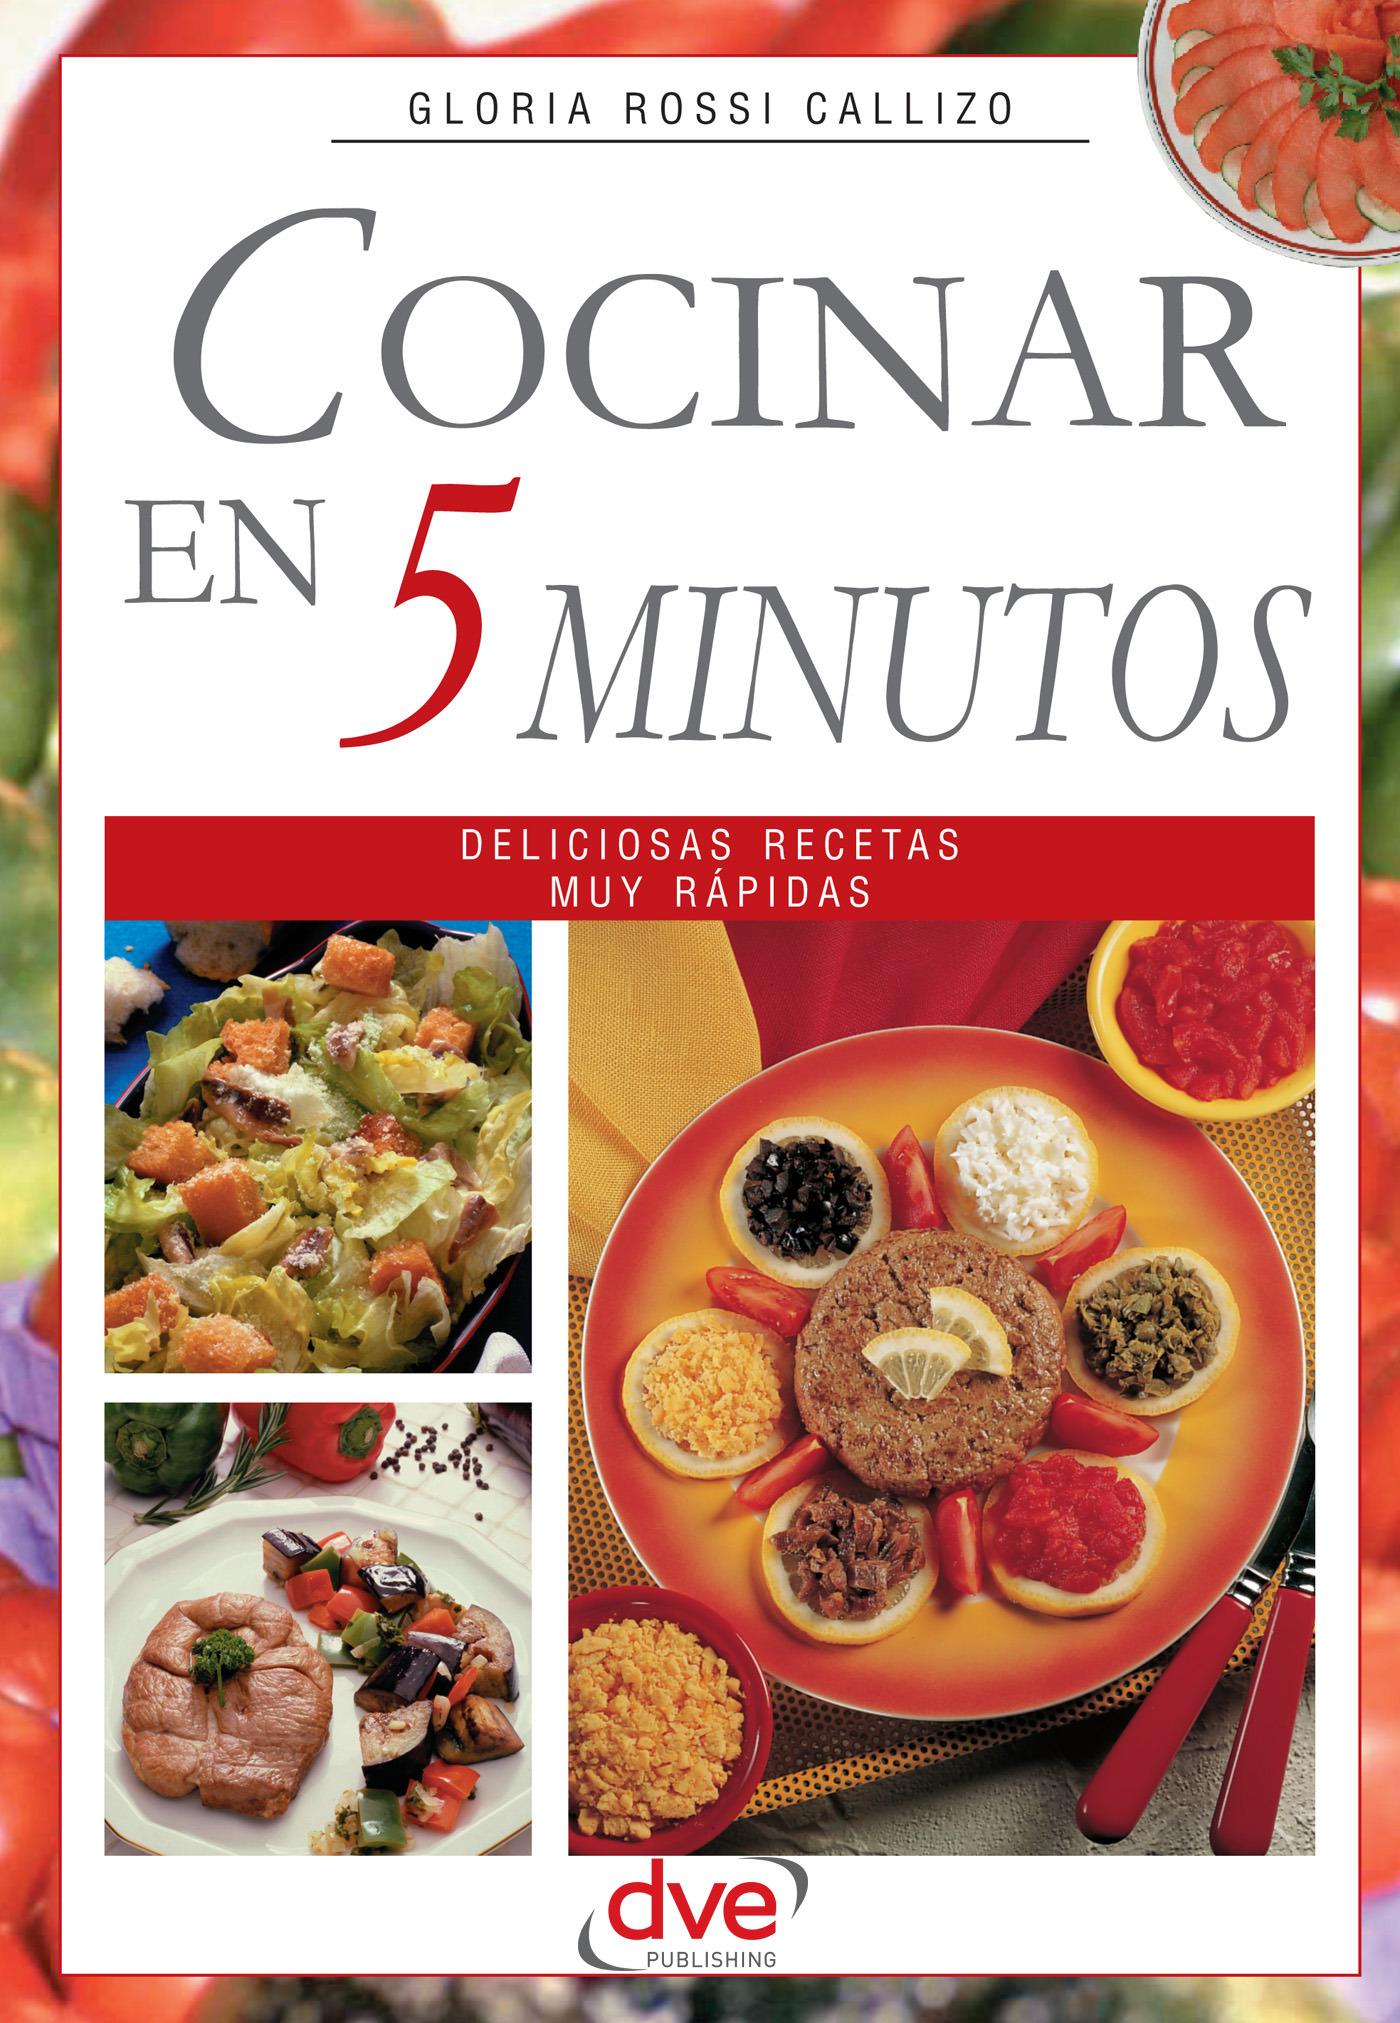 Callizo, Gloria Rossi - Cocinar en 5 minutos, ebook